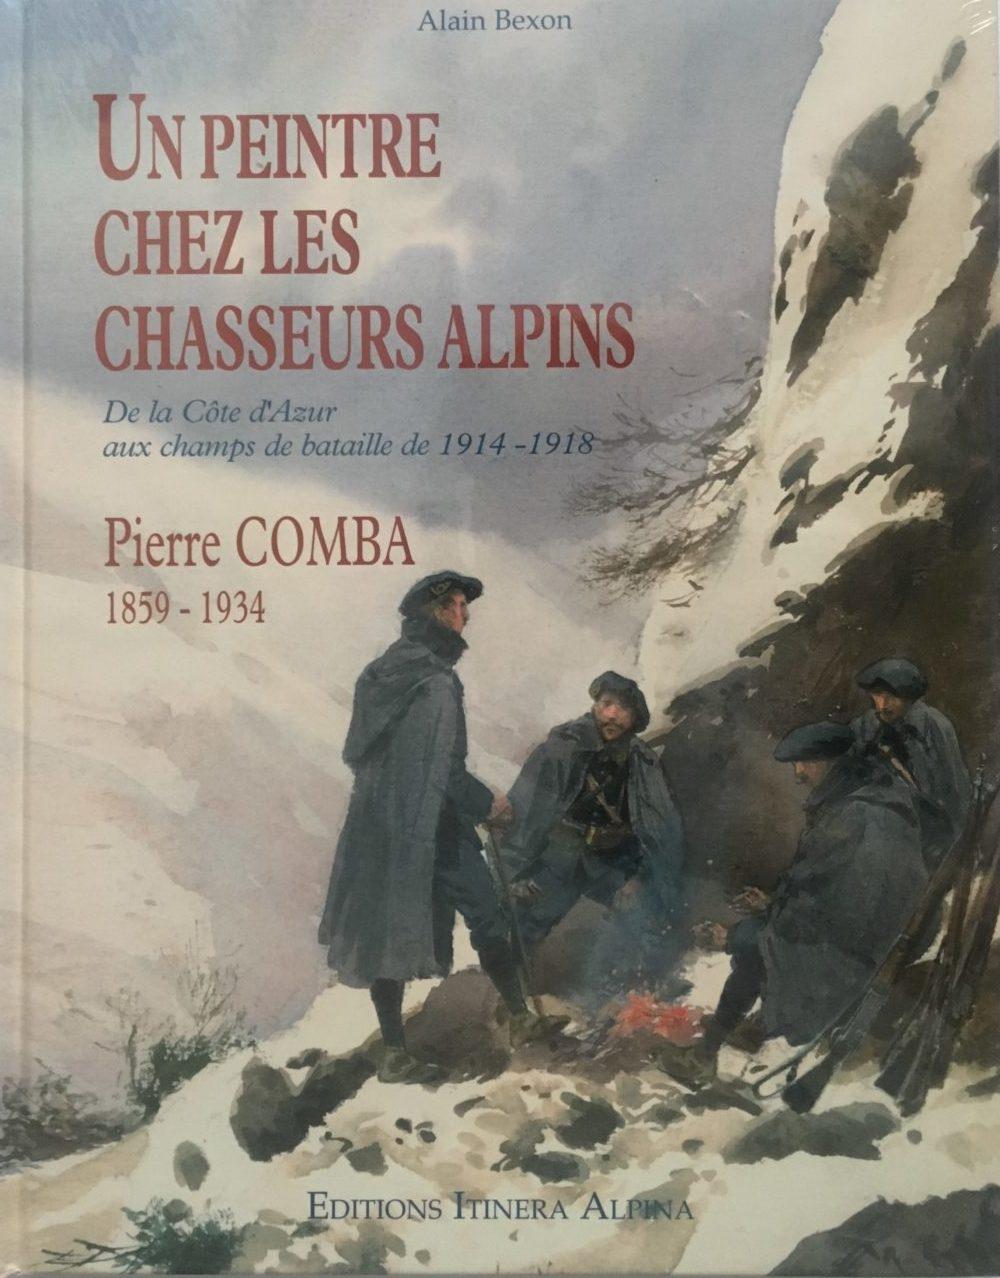 Un peintre chez les chasseurs alpins